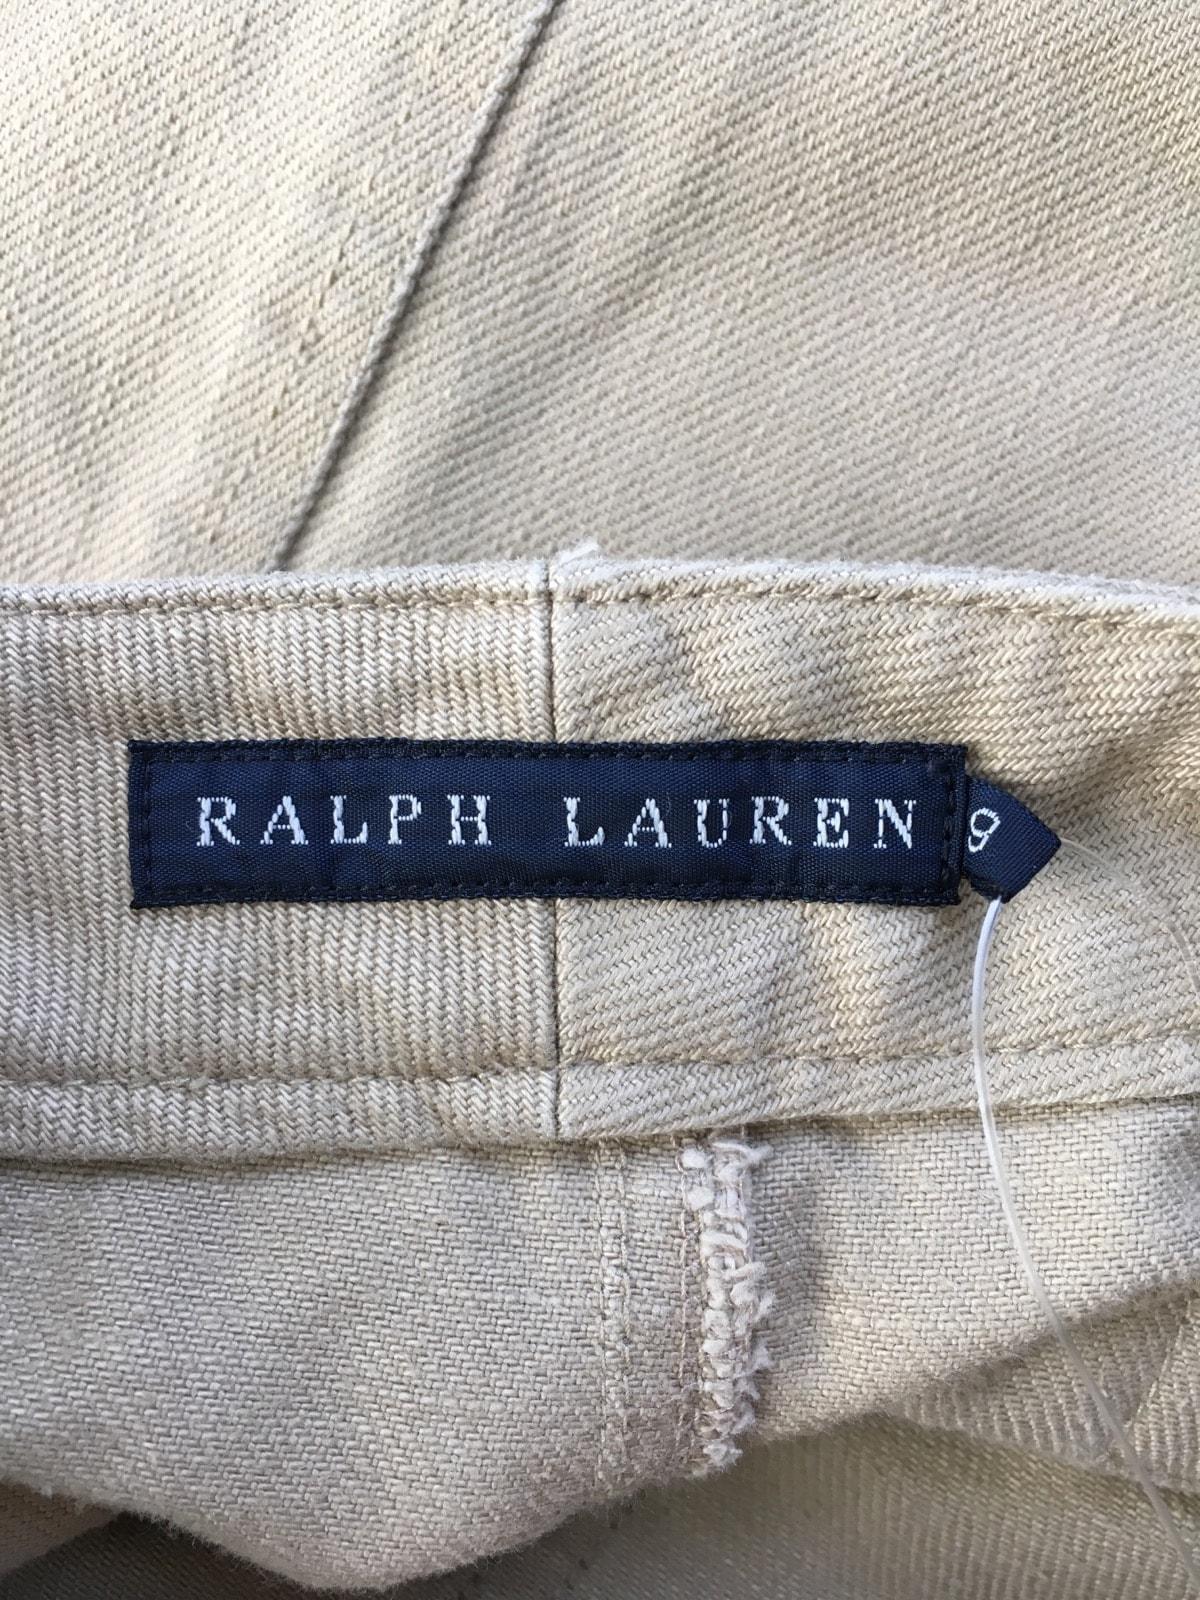 RalphLauren(ラルフローレン)のパンツ